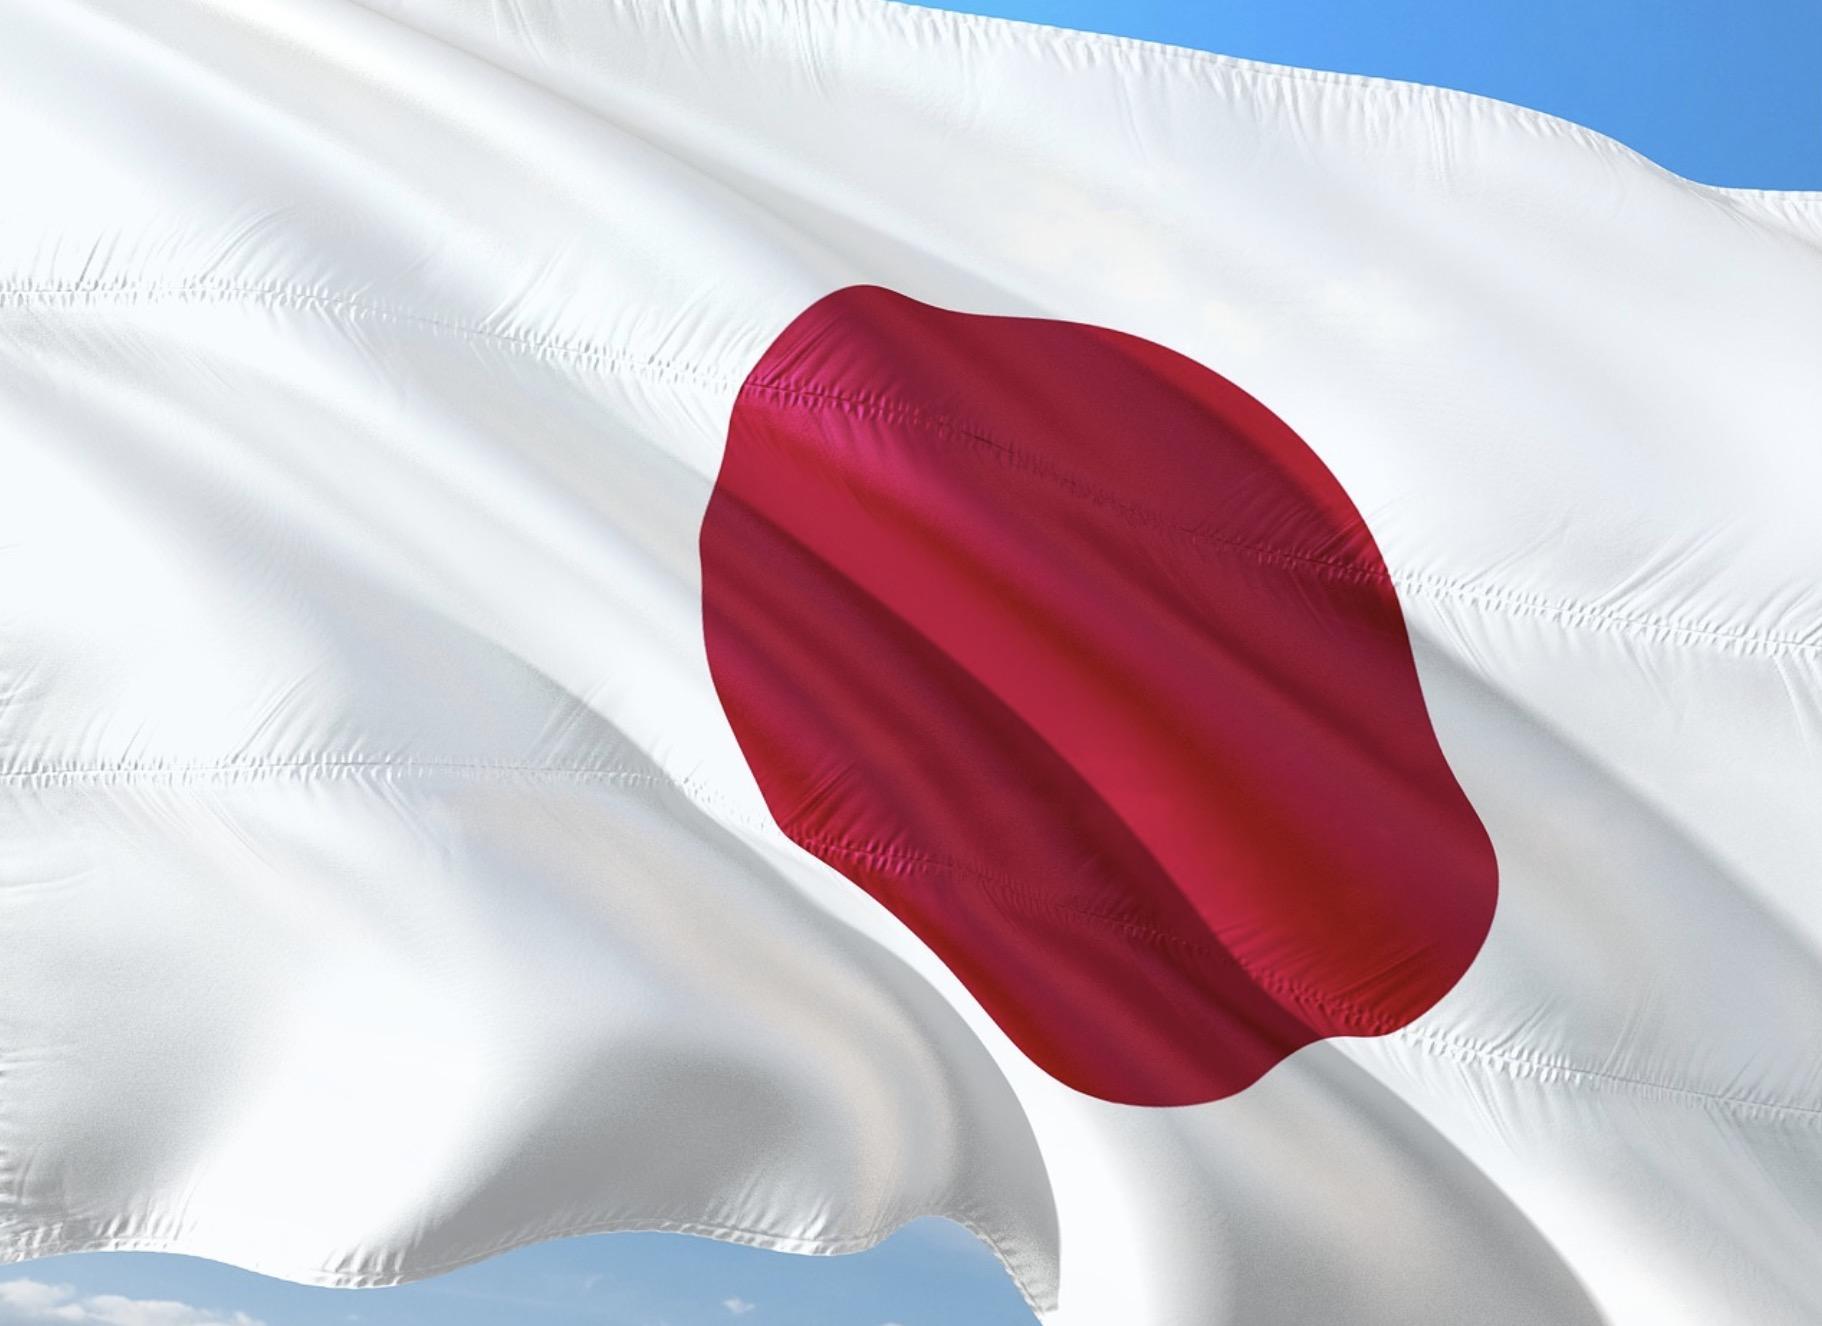 L'histoire qui se cache derrière le drapeau japonais